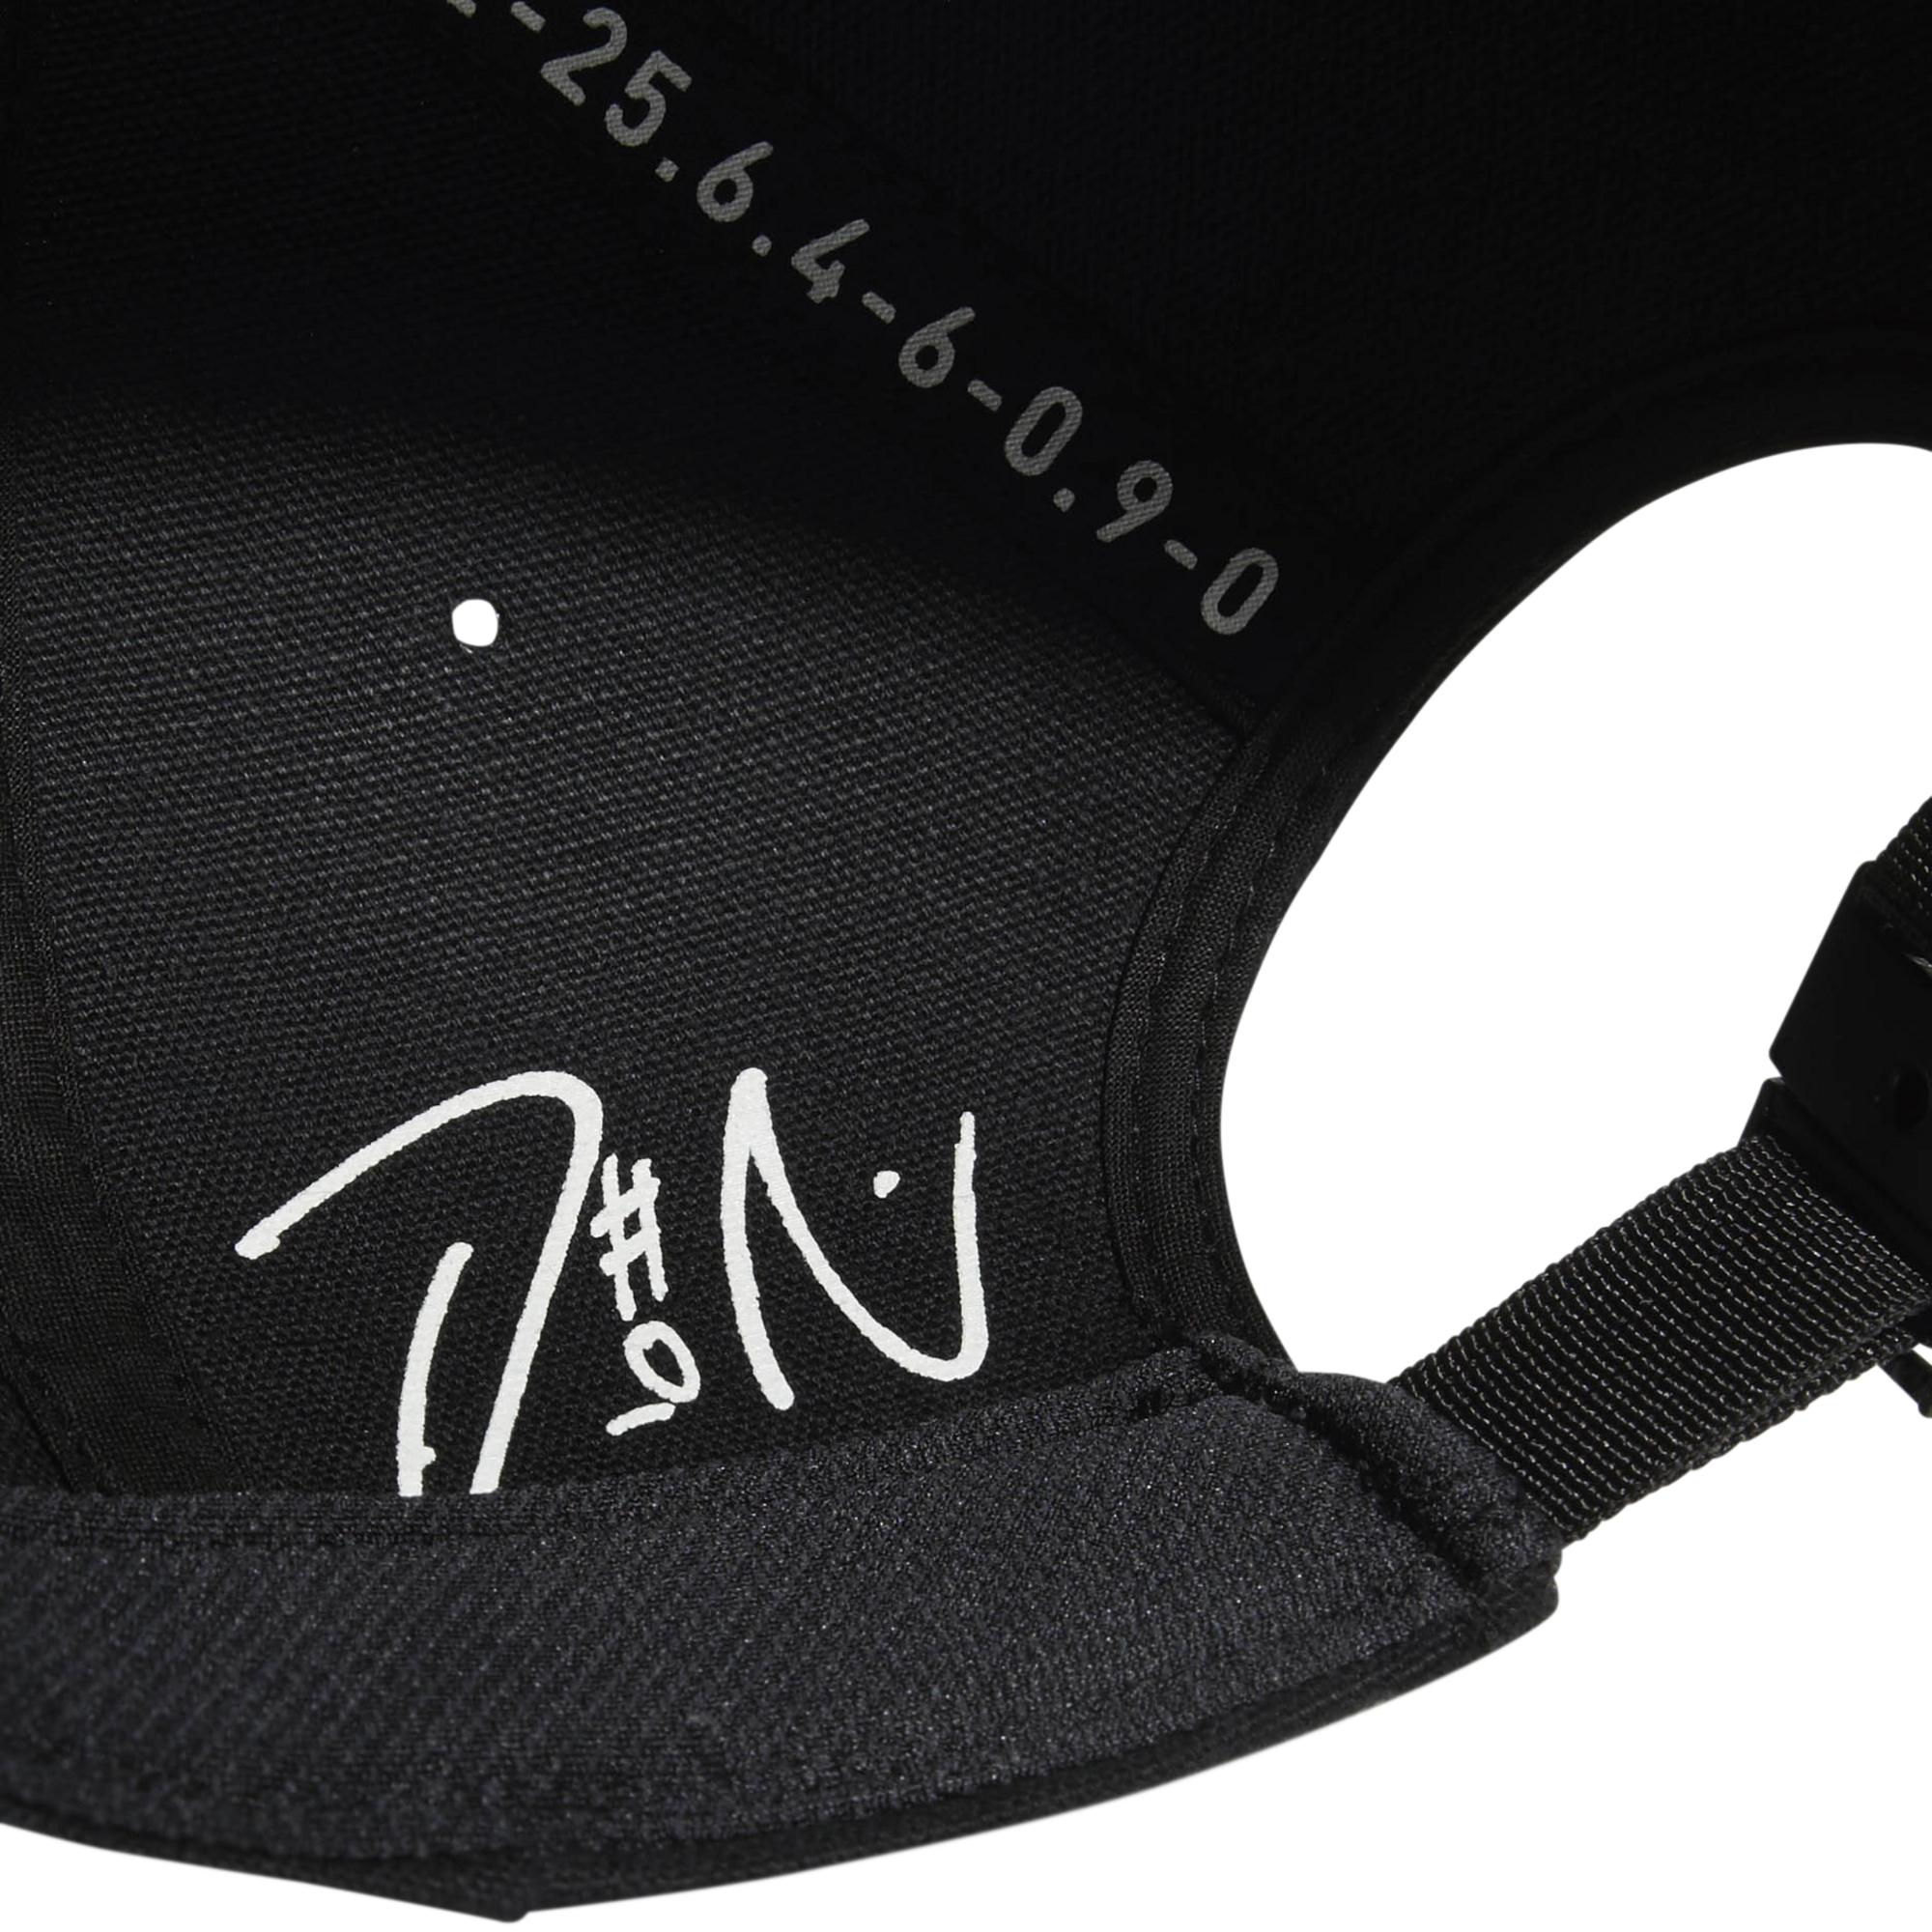 5896032a8b466 Adidas Lillard Cap (Black) - manelsanchez.com